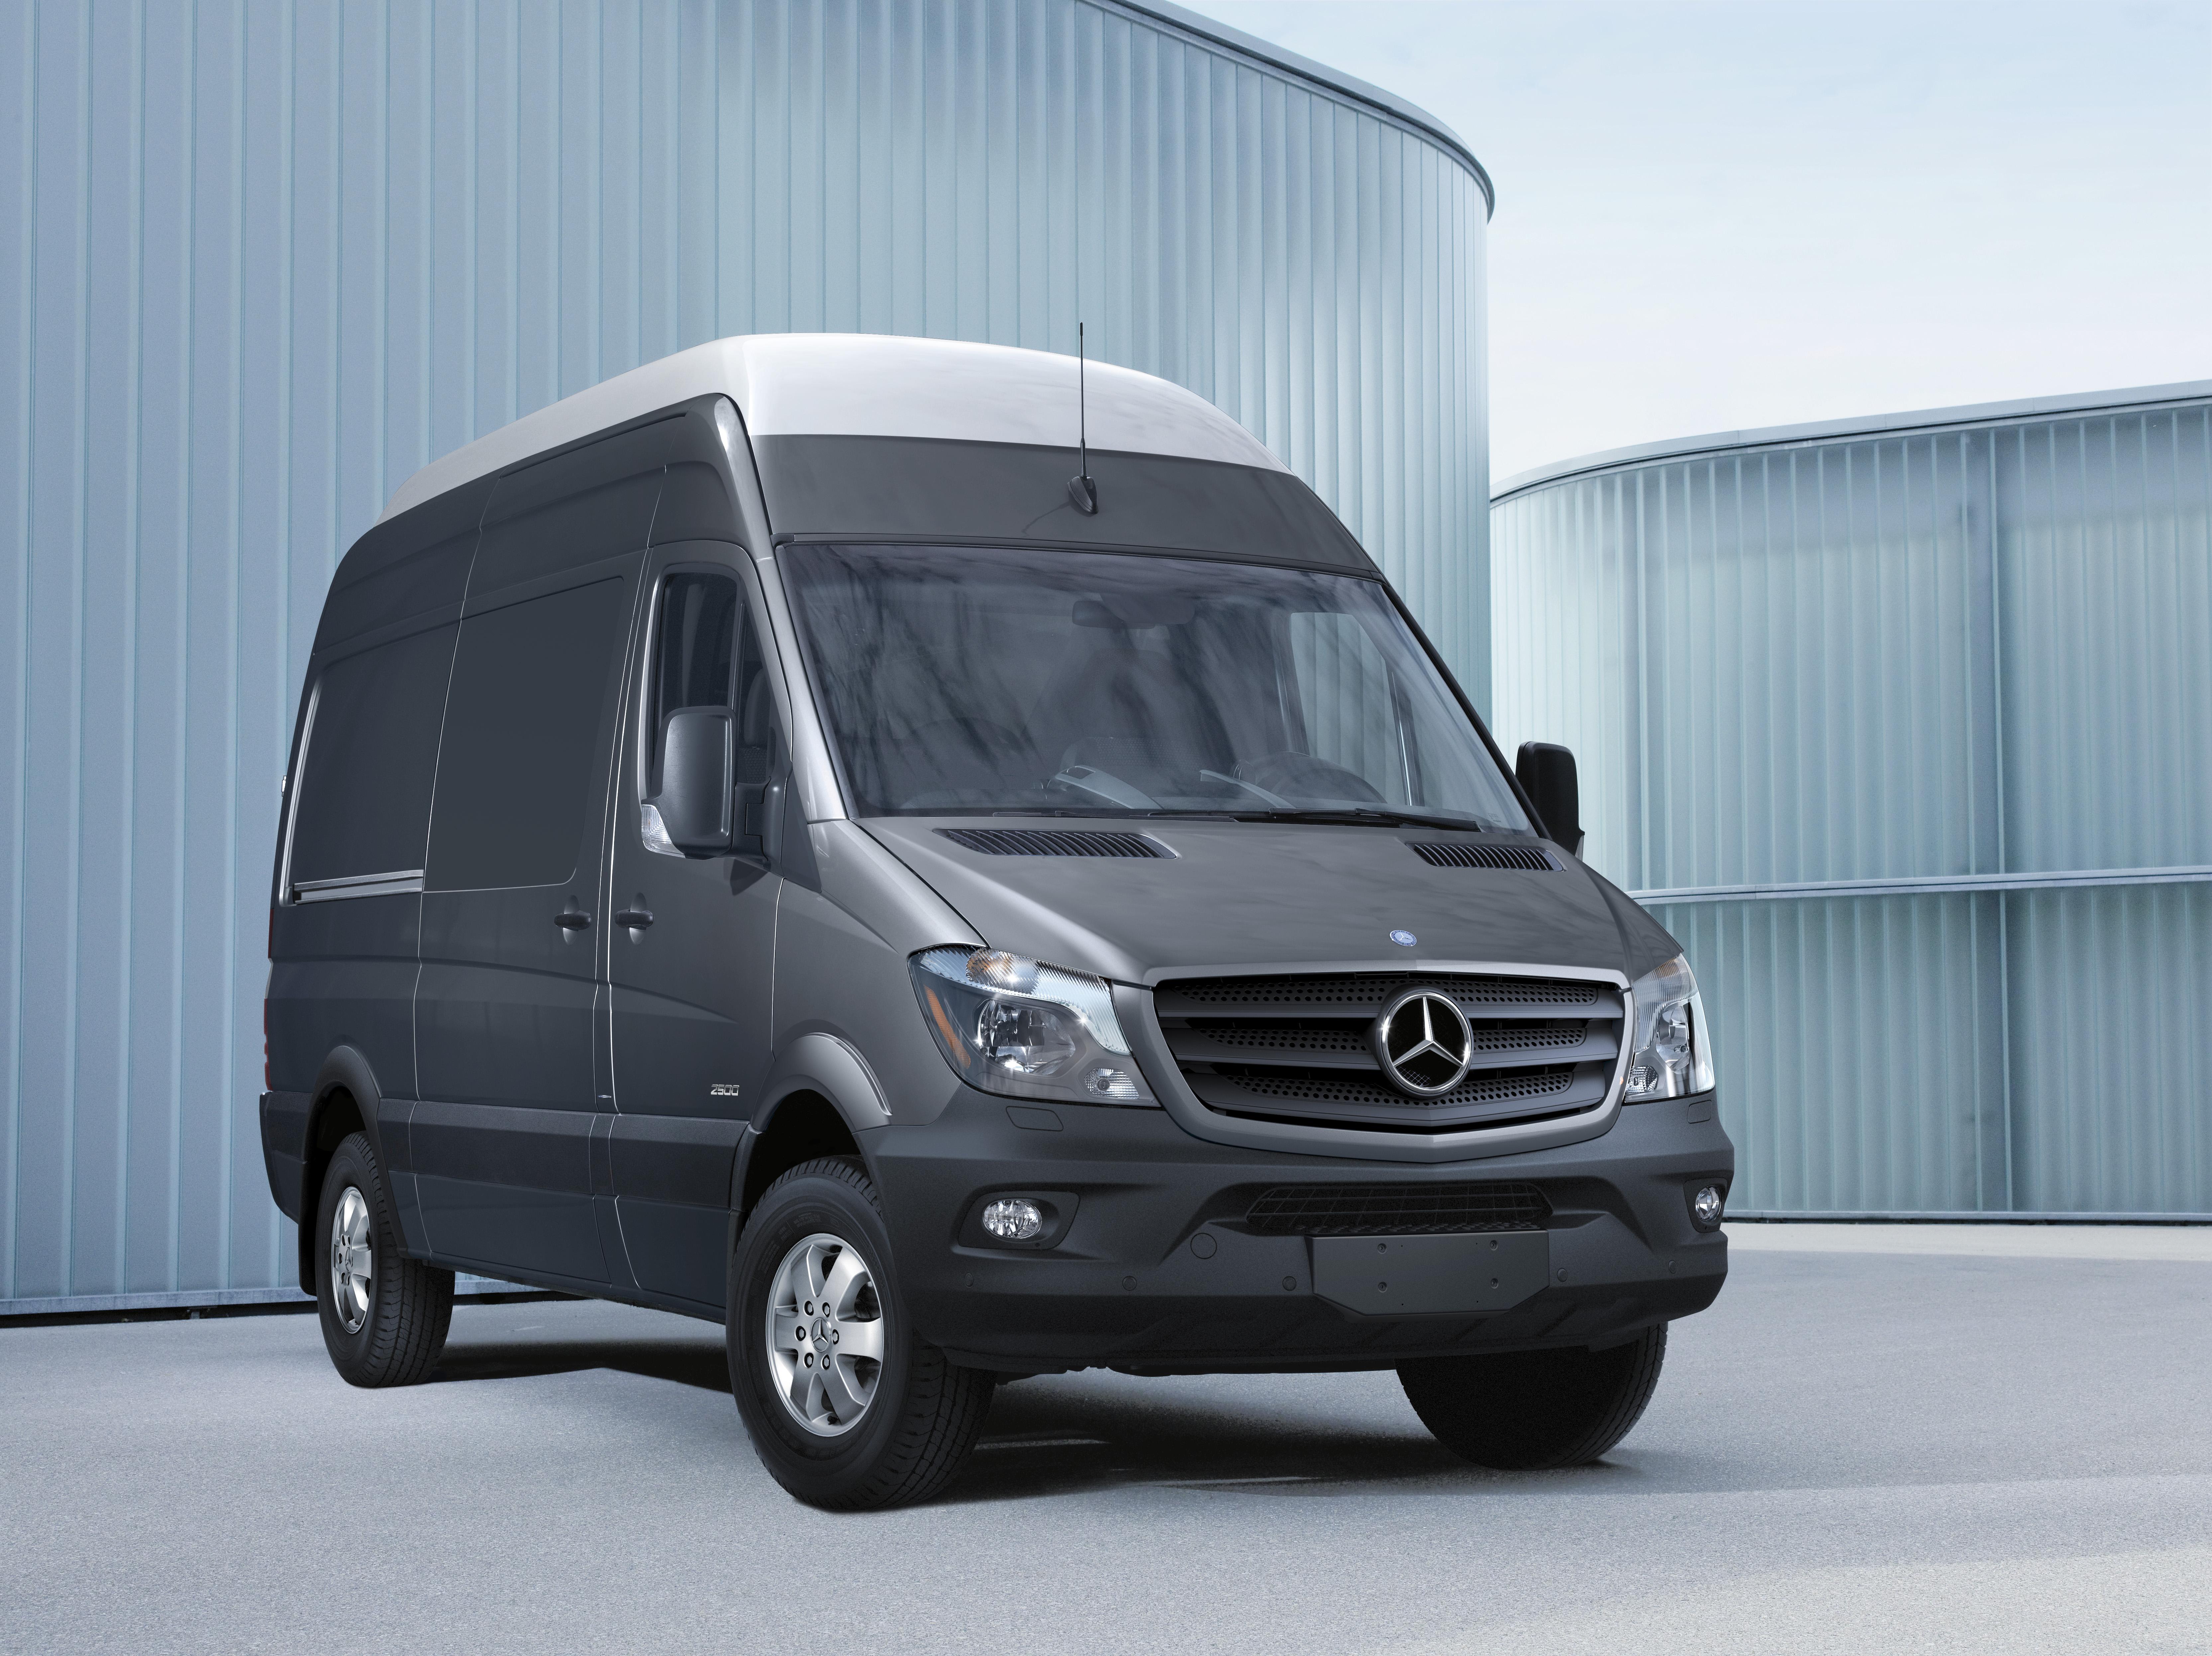 Mercedes Benz Debuts 4x4 Sprinter Crosswind Assist